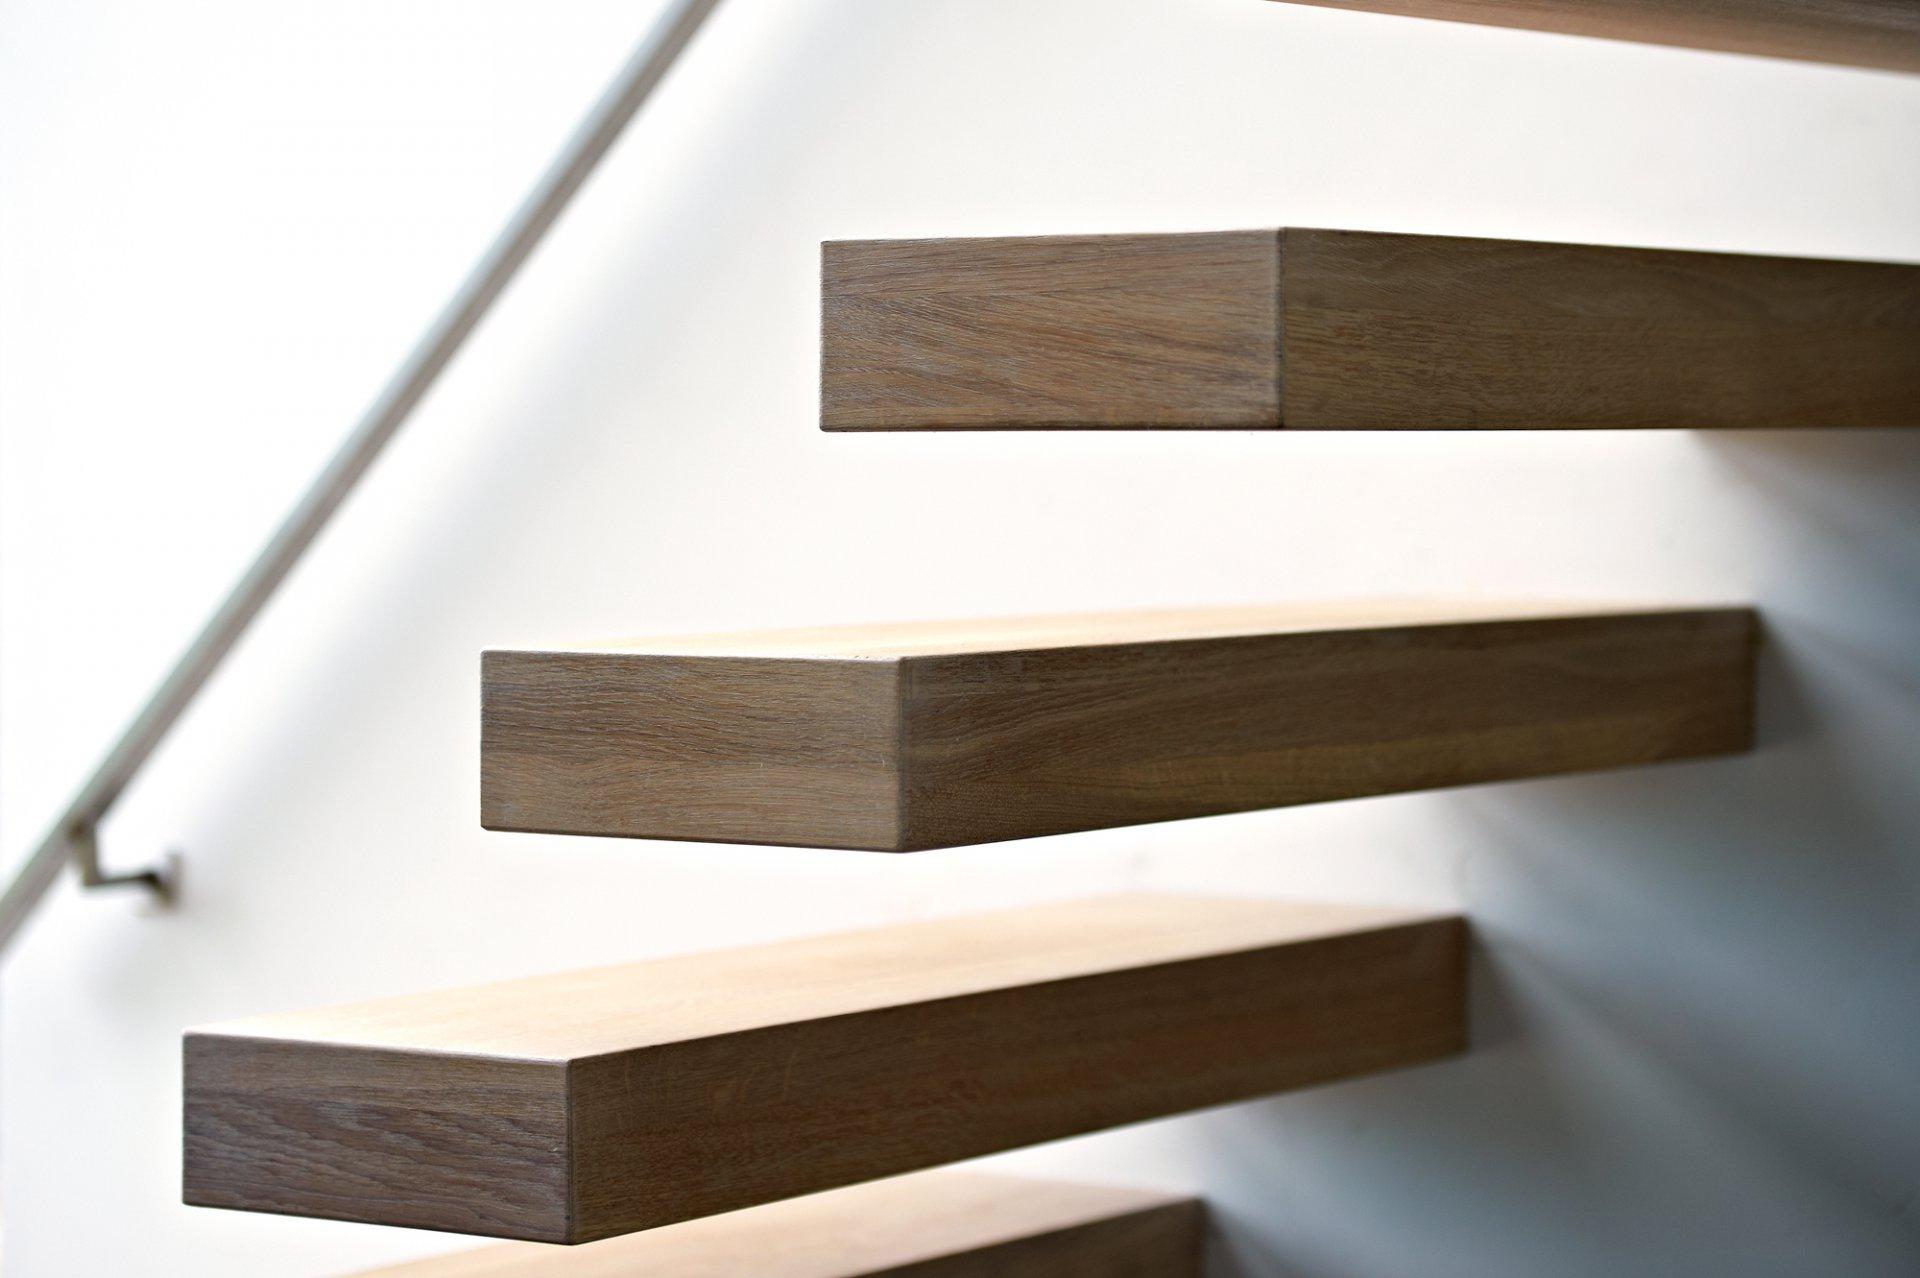 Prijs Zwevende Trap : Zwevende trap voor een open gevoel decotrap